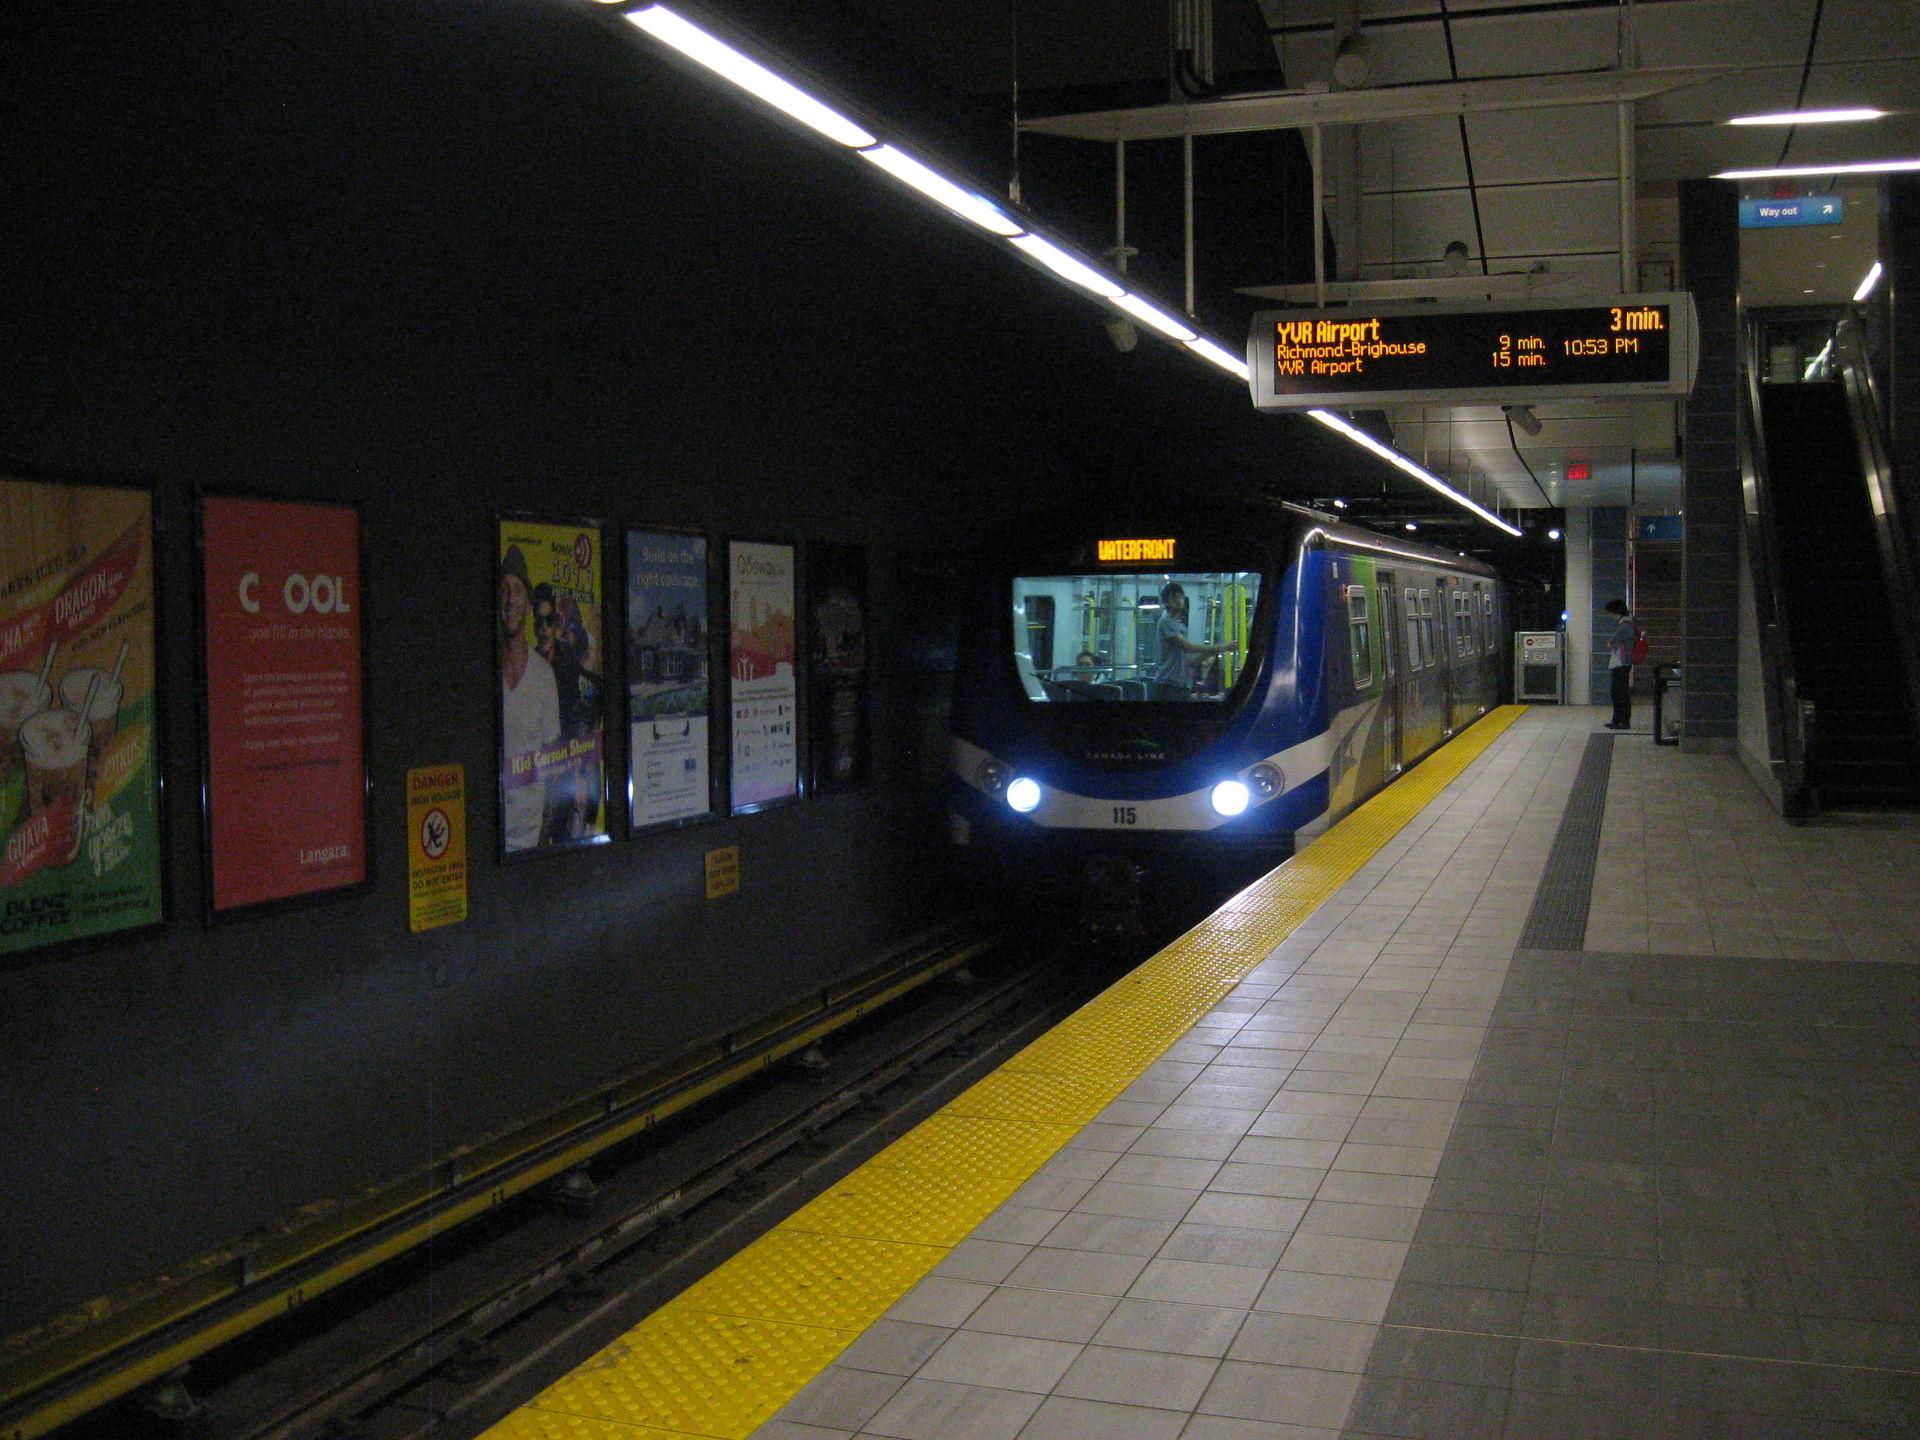 Vancouver Canada Line subway train